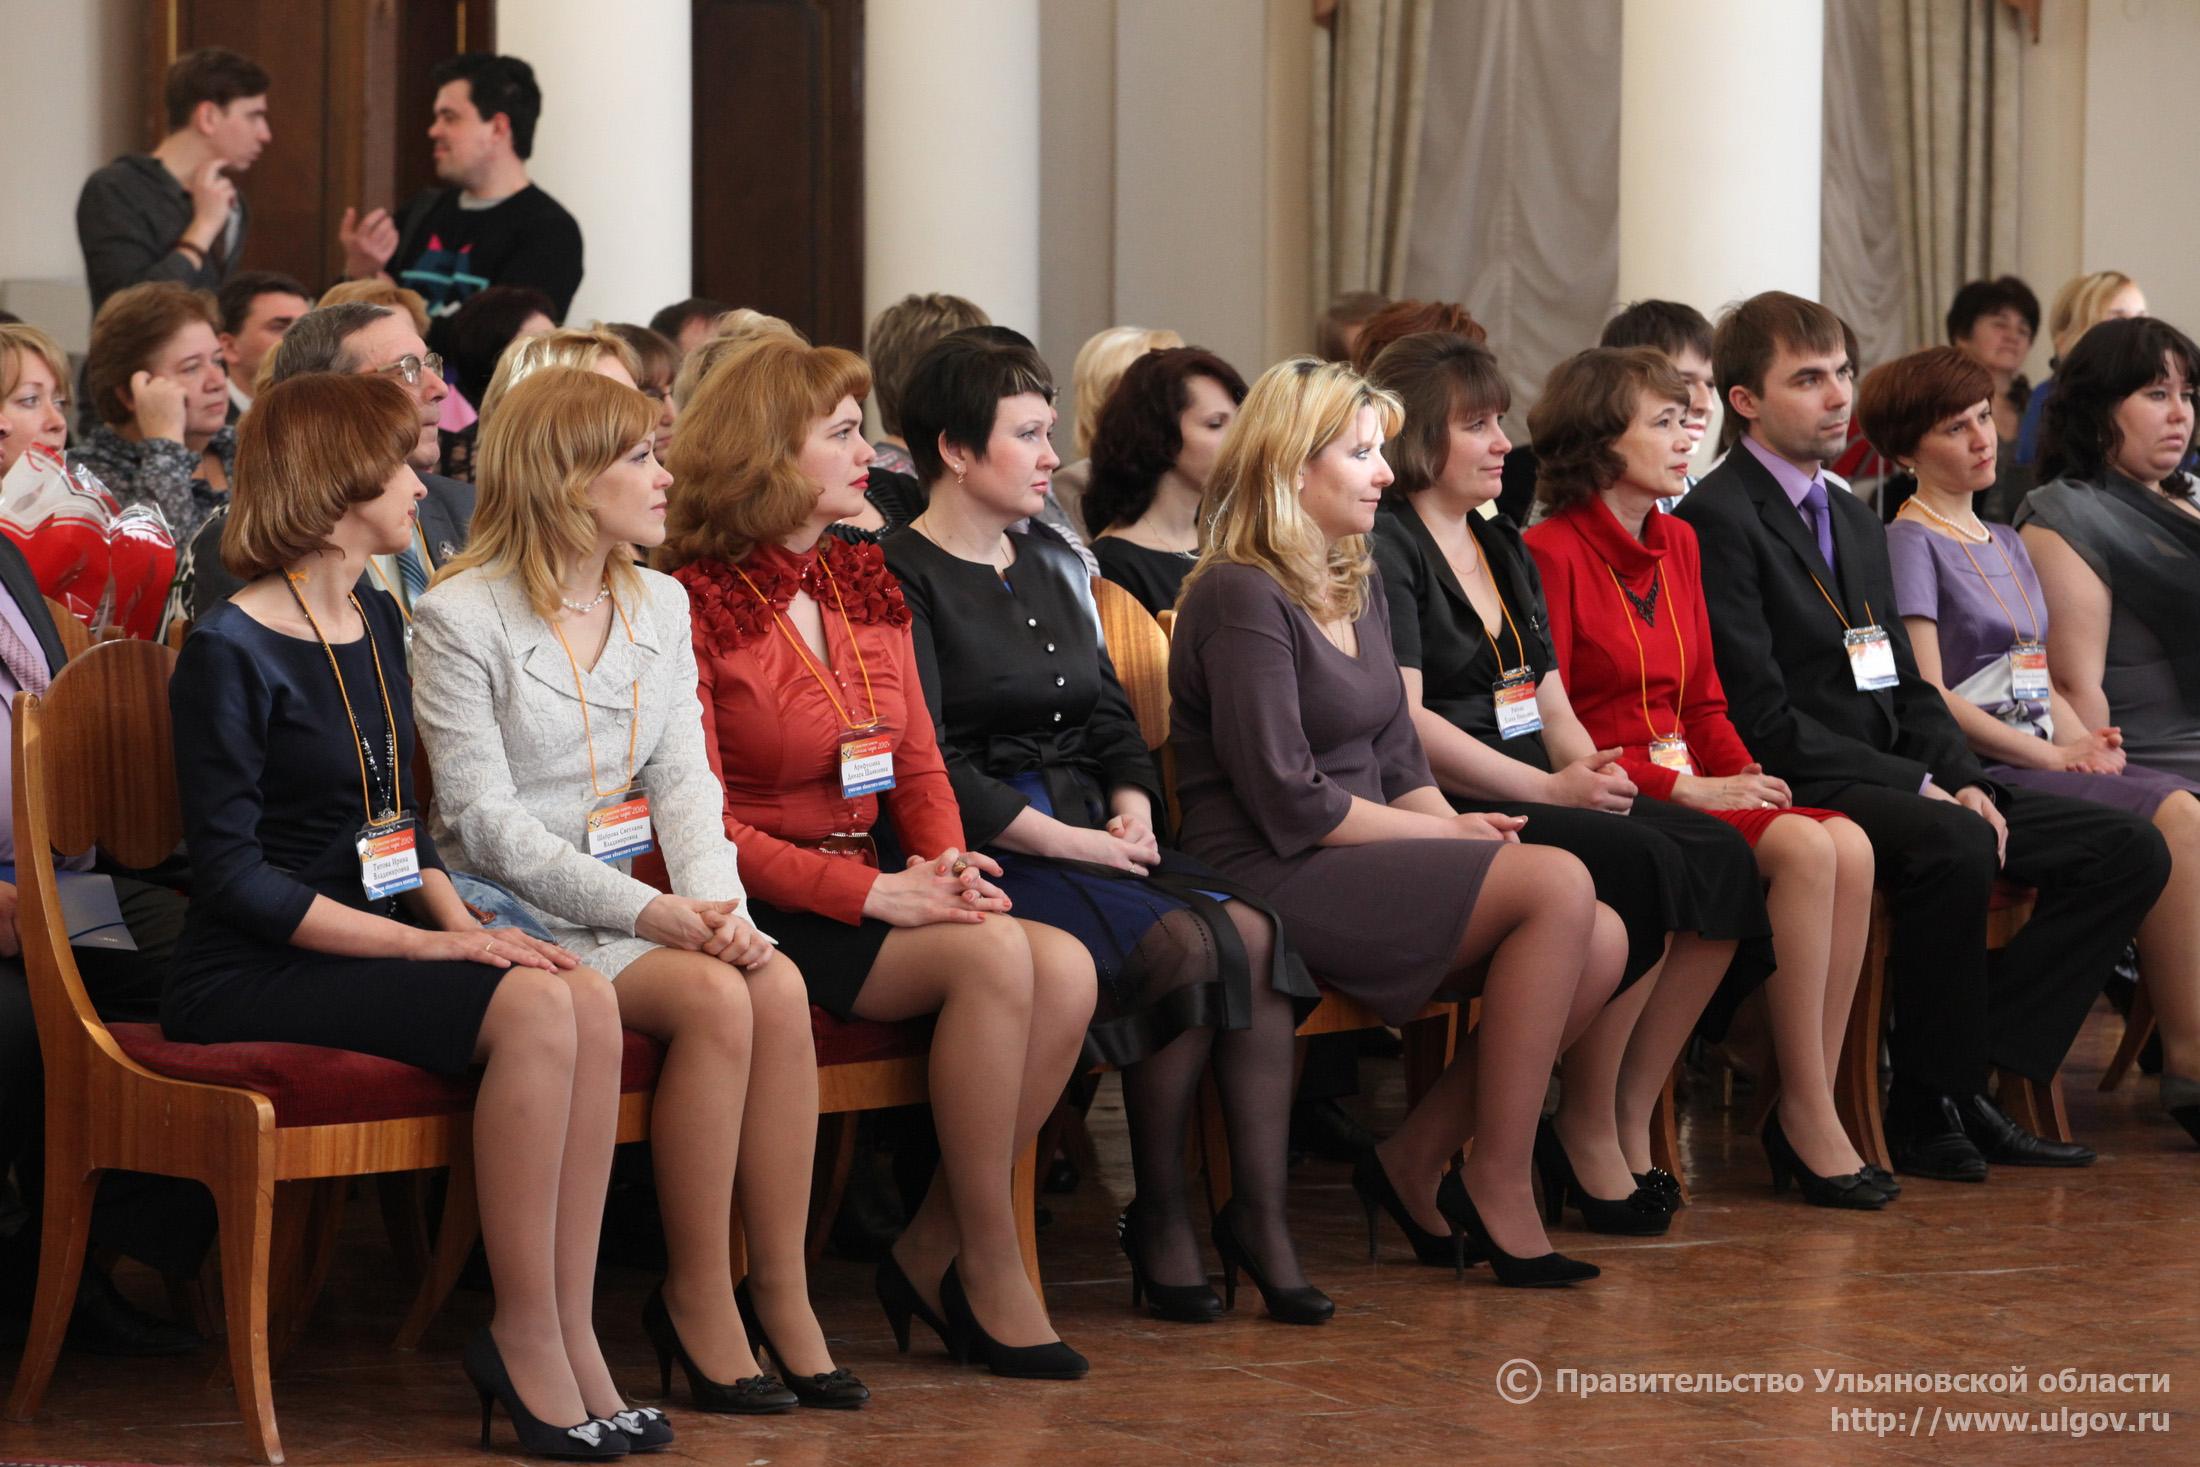 С фото зрелых учителей, Голые училки и учительницы, Красивые порно фото училок 7 фотография